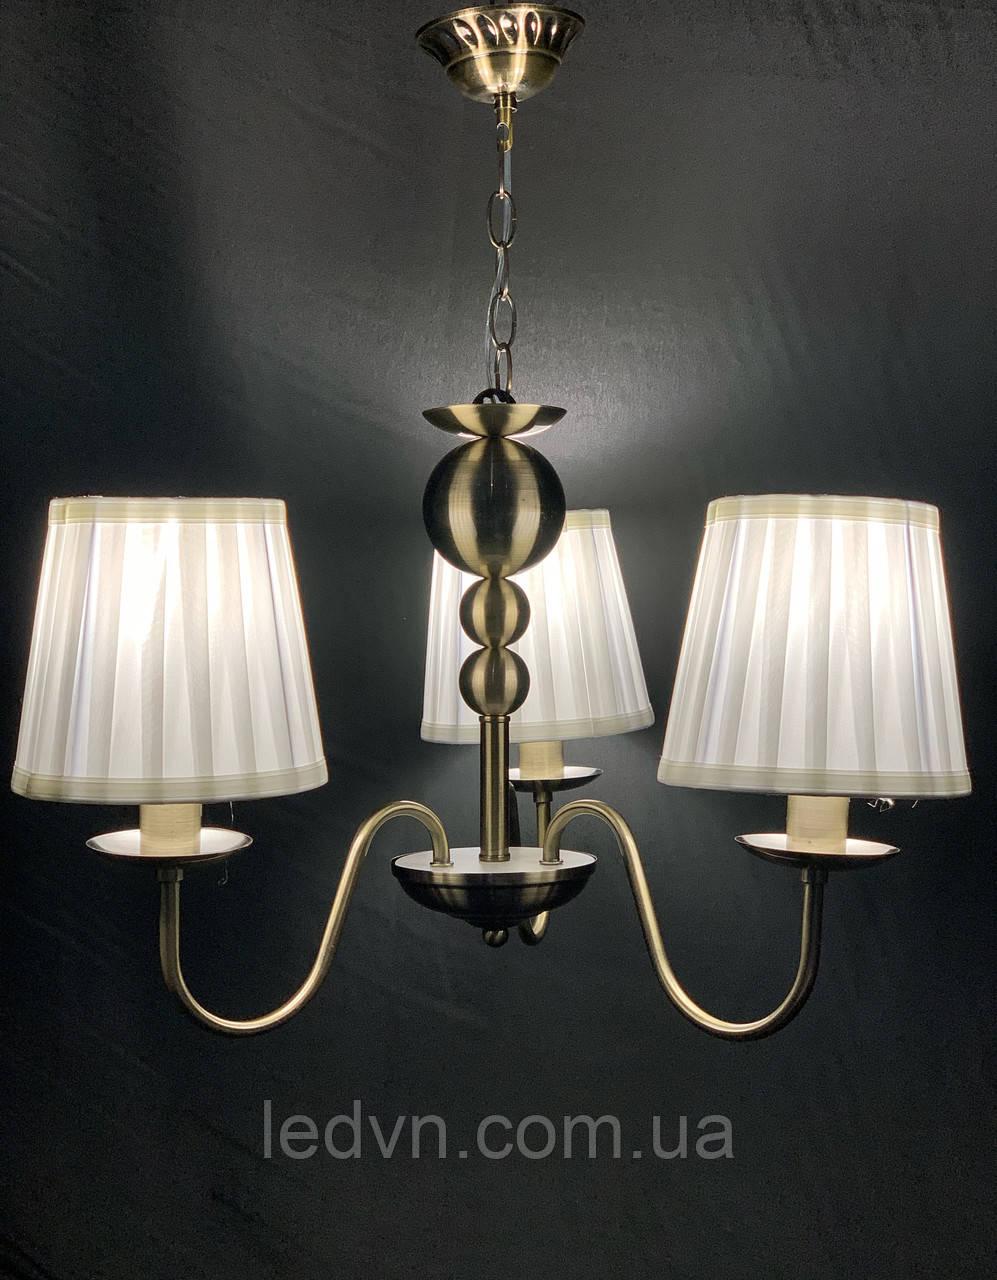 Классическая подвесная люстра с абажурами на 3 лампы бронза